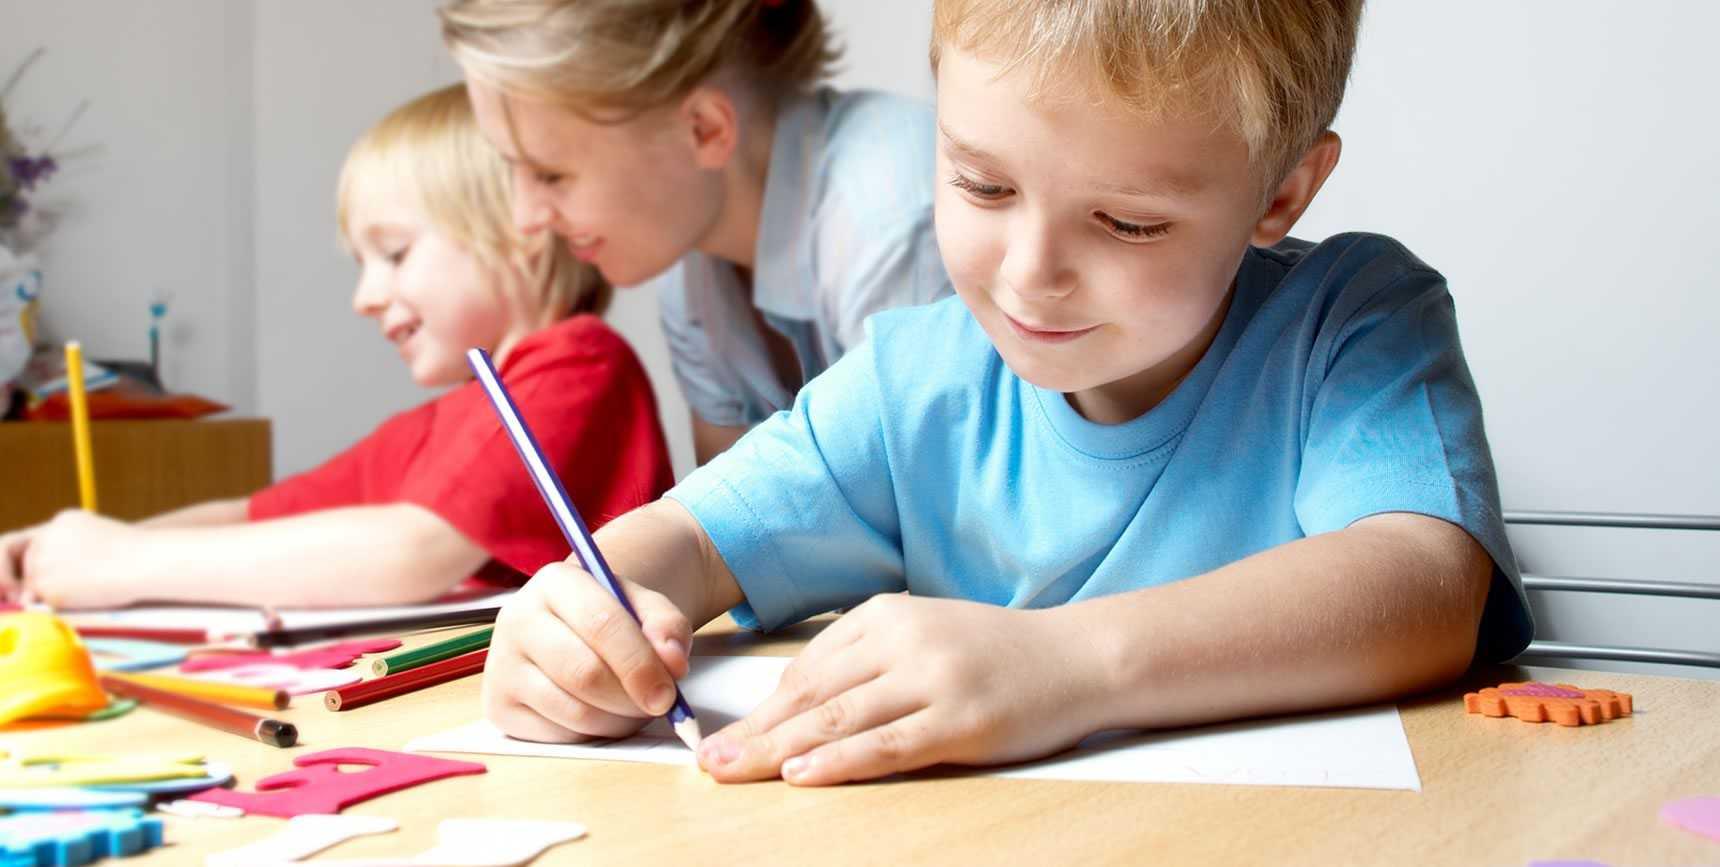 Нужно ли учить детей писать до школы? - мапапама.ру — сайт для будущих и молодых родителей: беременность и роды, уход и воспитание детей до 3-х лет